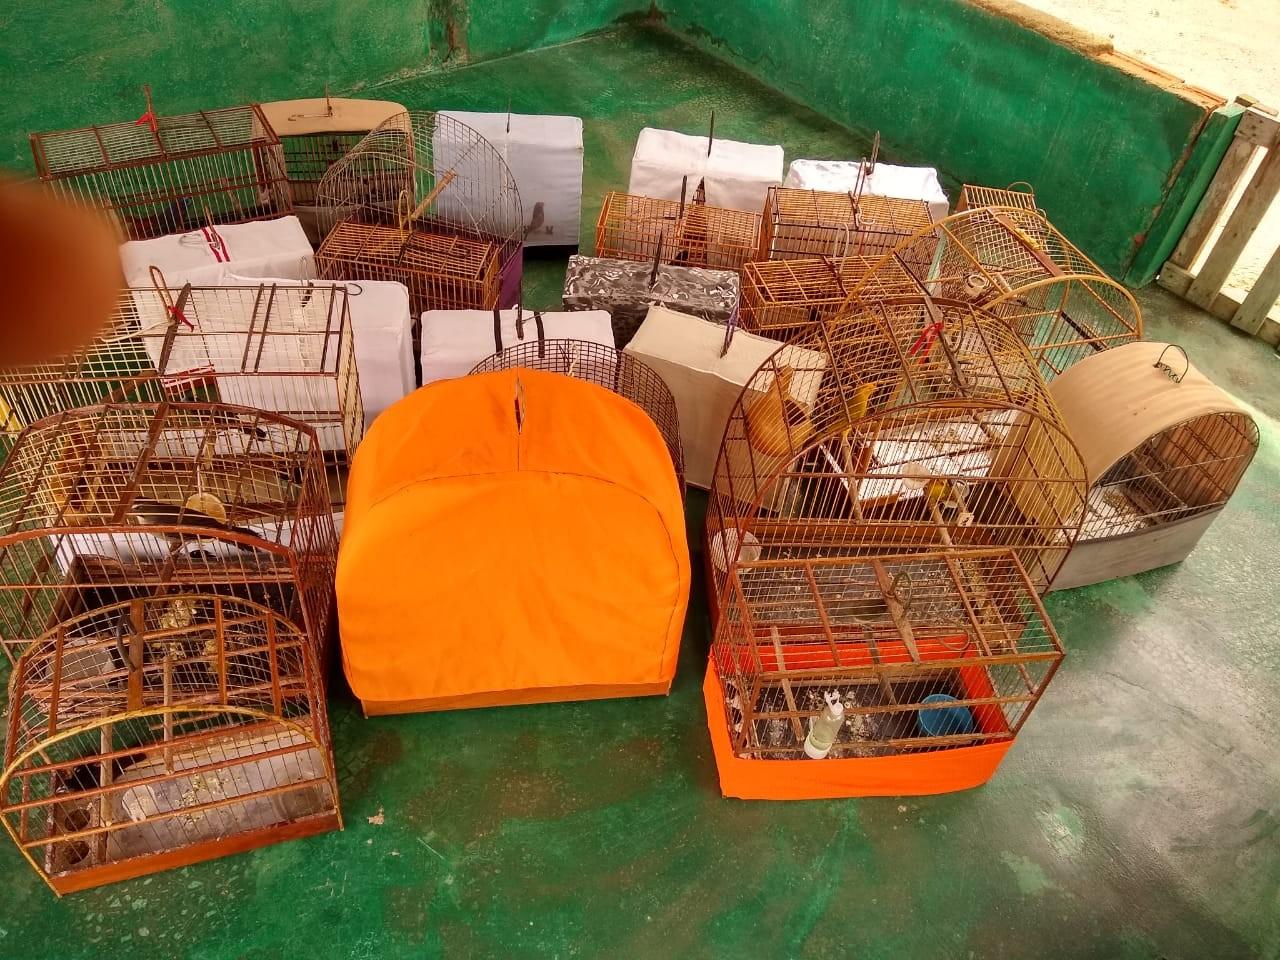 Polícia apreende 25 aves em cativeiro ilegal em Nova Mamoré, RO